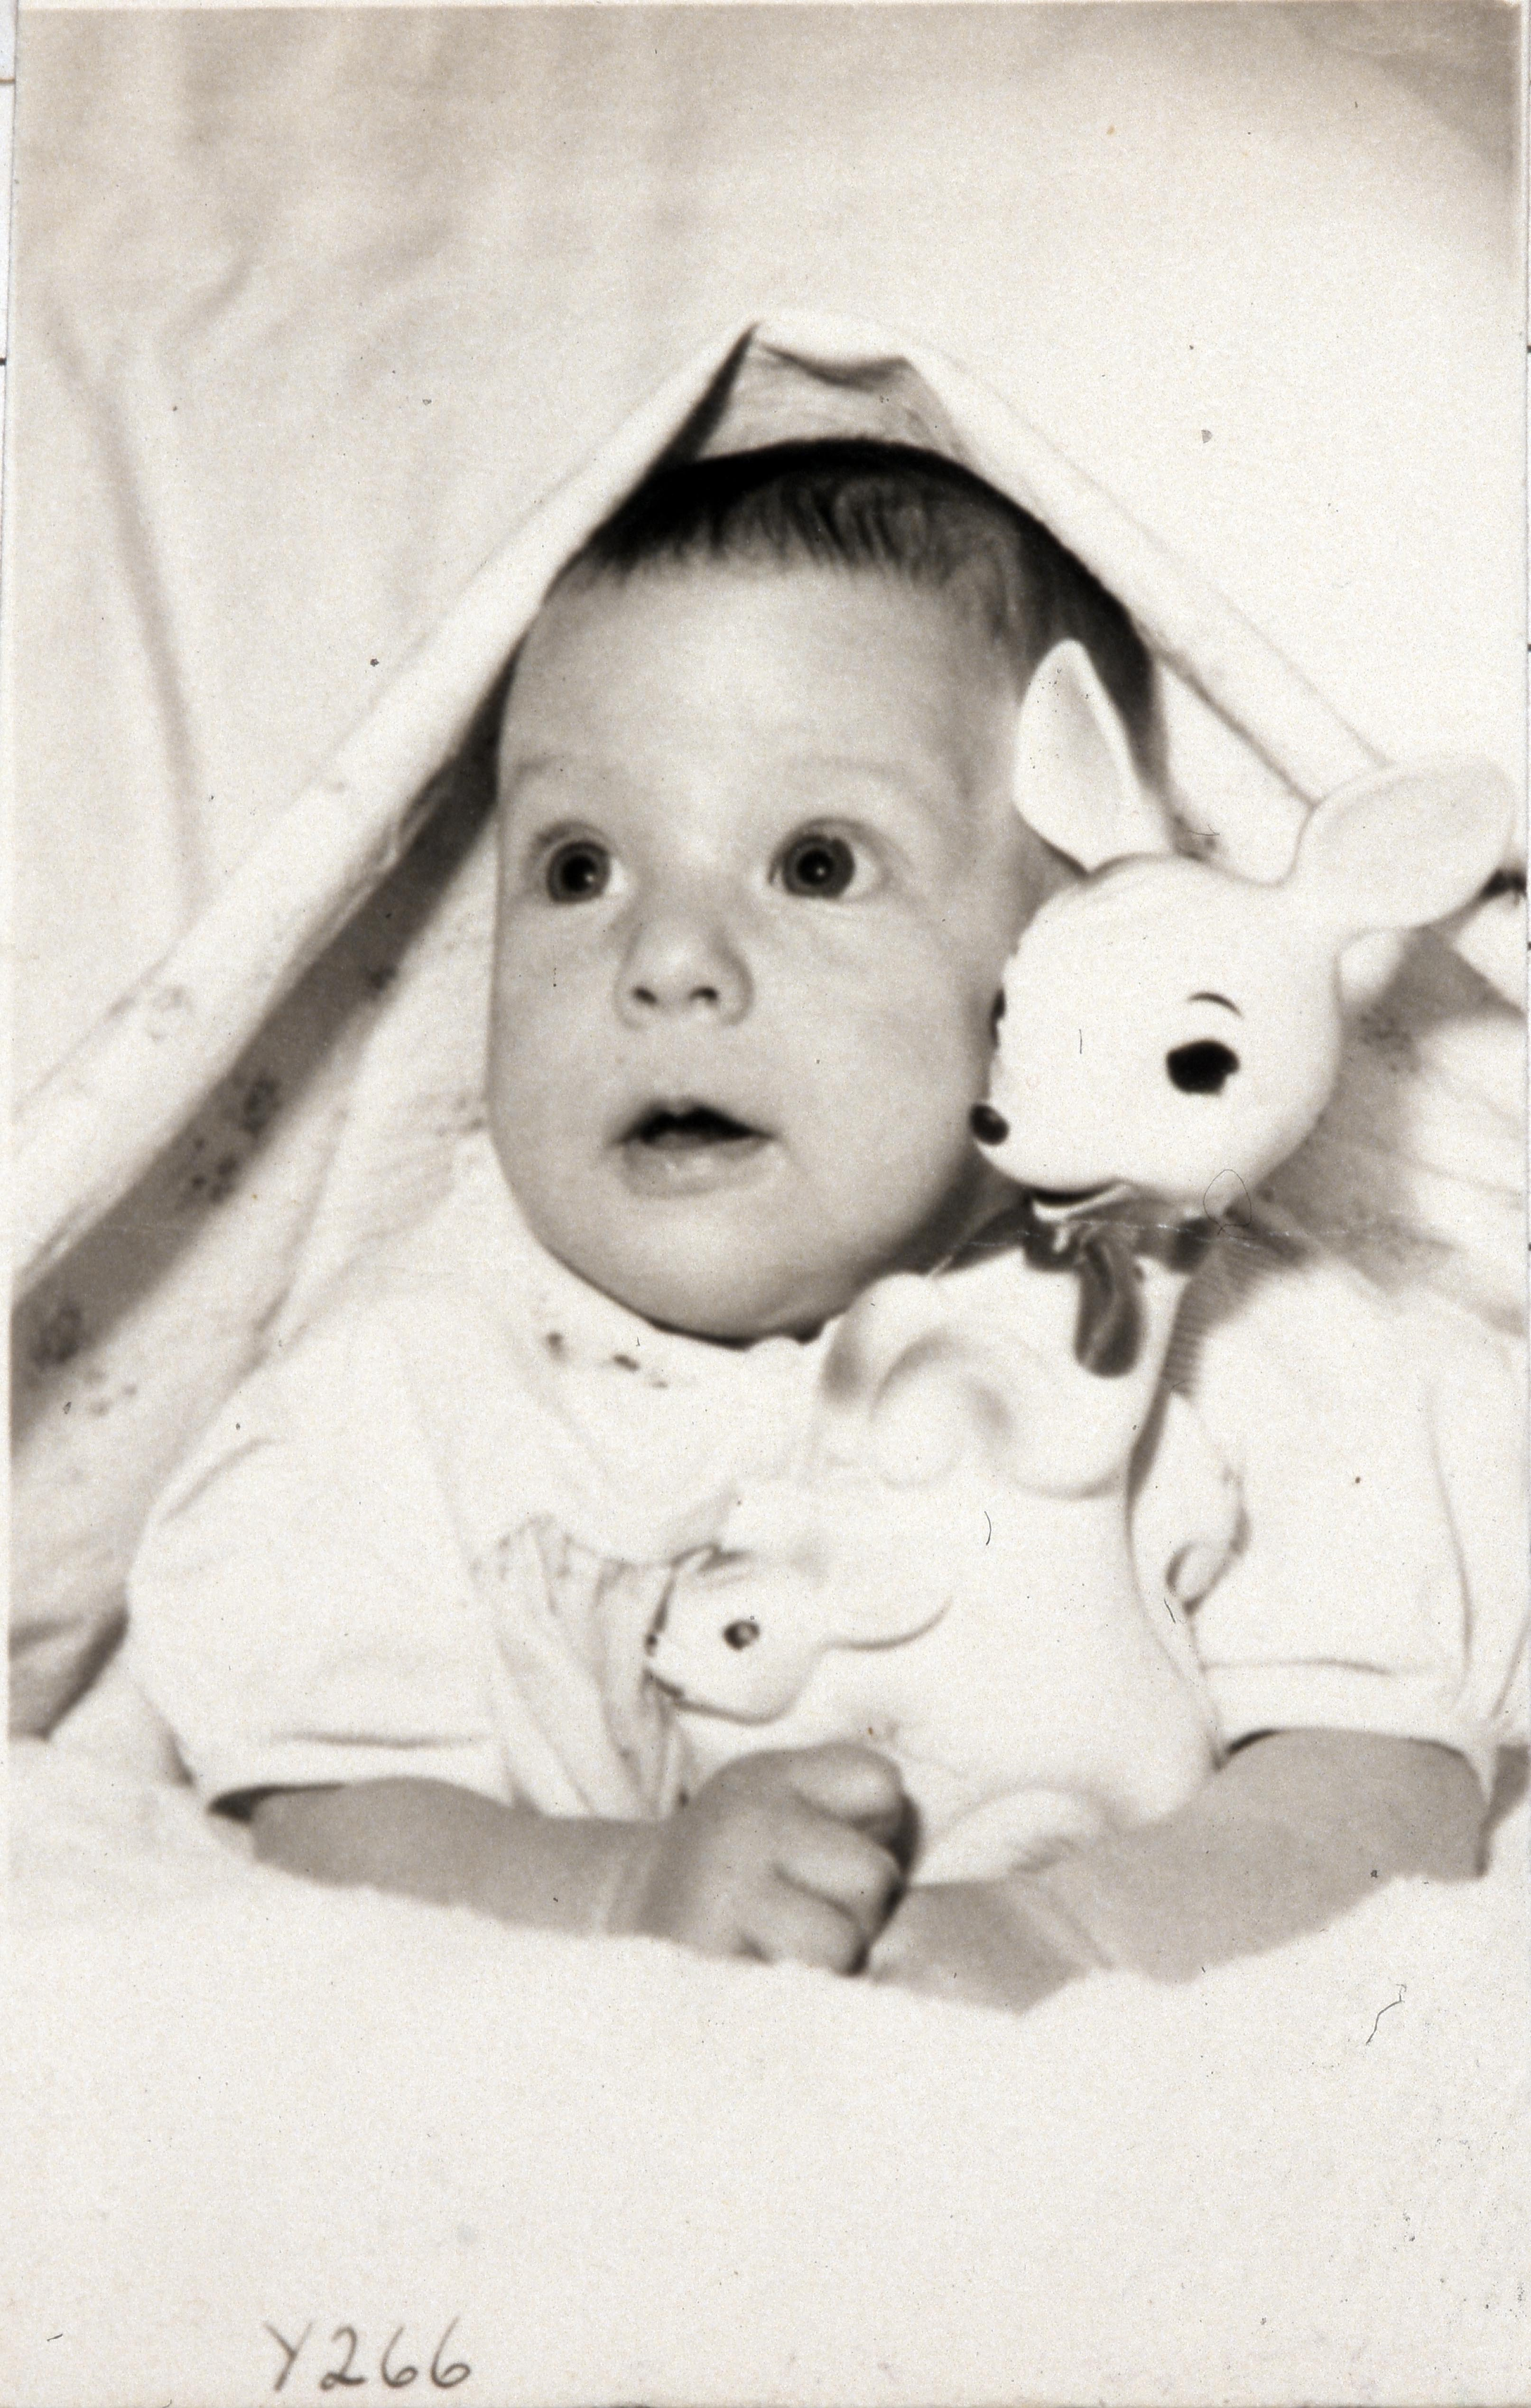 Harry and Erika's daughter, Susan 1961